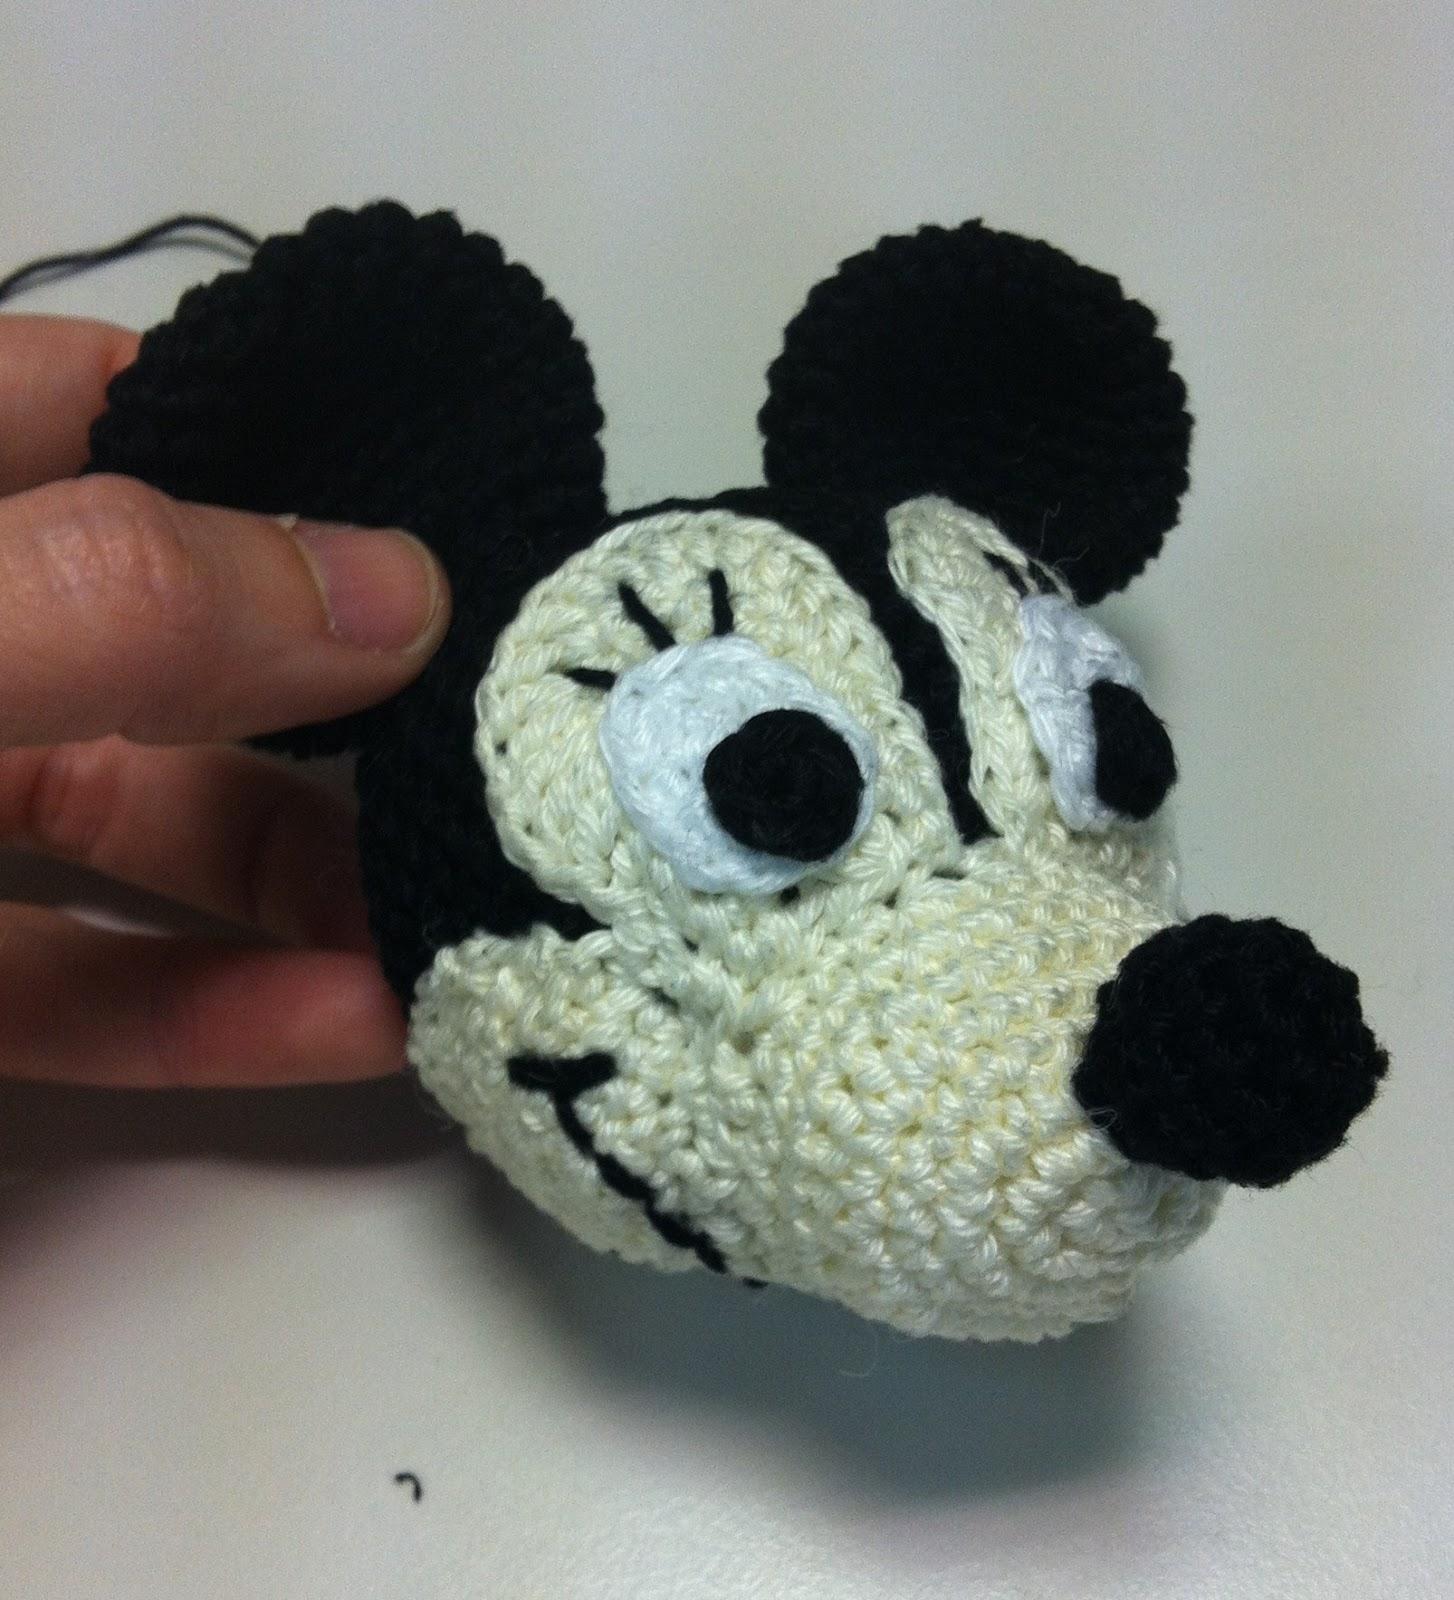 Juegos De Baño A Crochet Patrones:Patrones De Juegos Bano Tejidos A Crochet Ropa Accesorios And Post